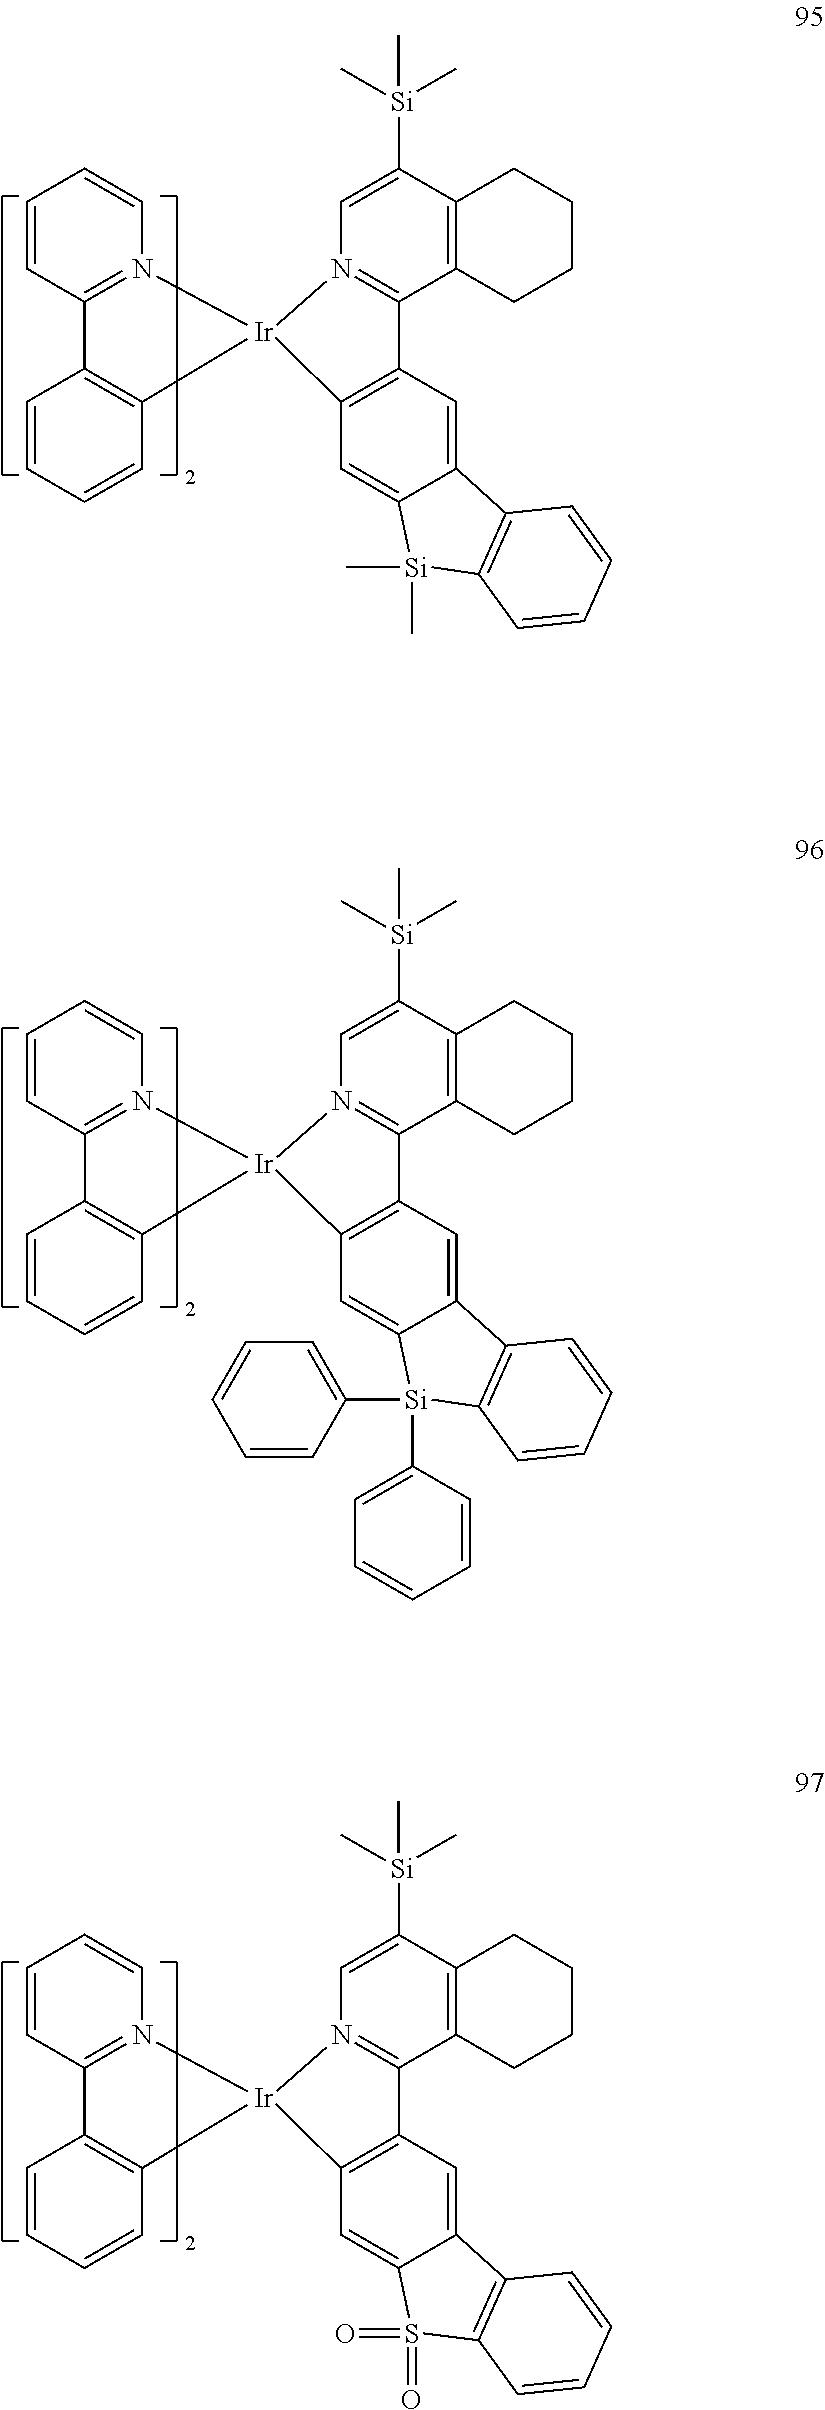 Figure US20160155962A1-20160602-C00086